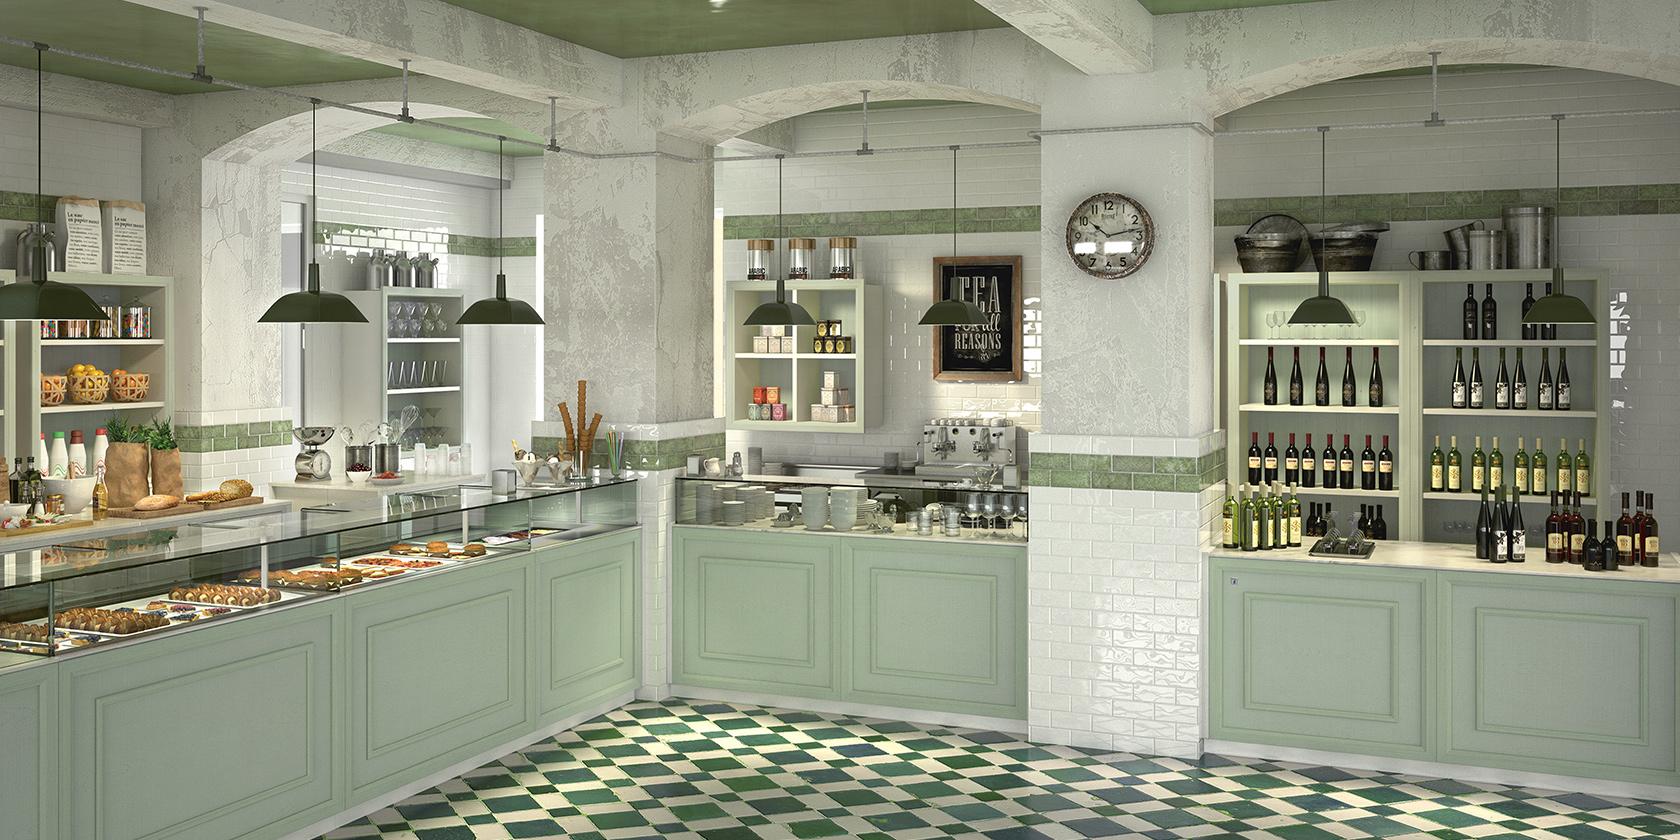 Arredamento bar shabby chic ae27 regardsdefemmes for Arredamento gastronomia